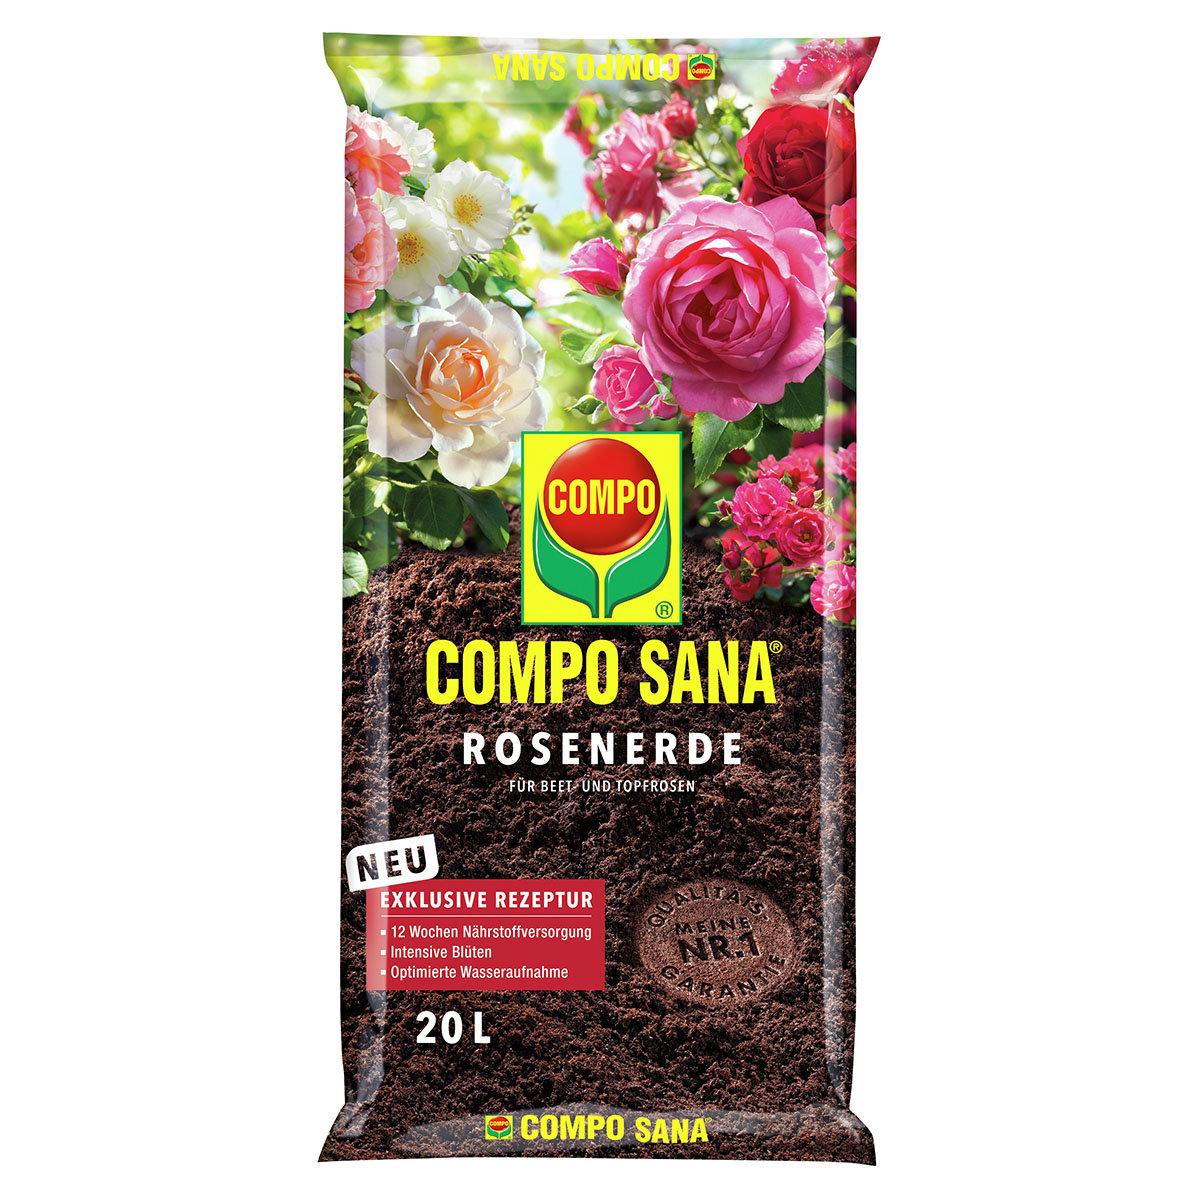 Compo Sana® Rosenerde, 20 Liter